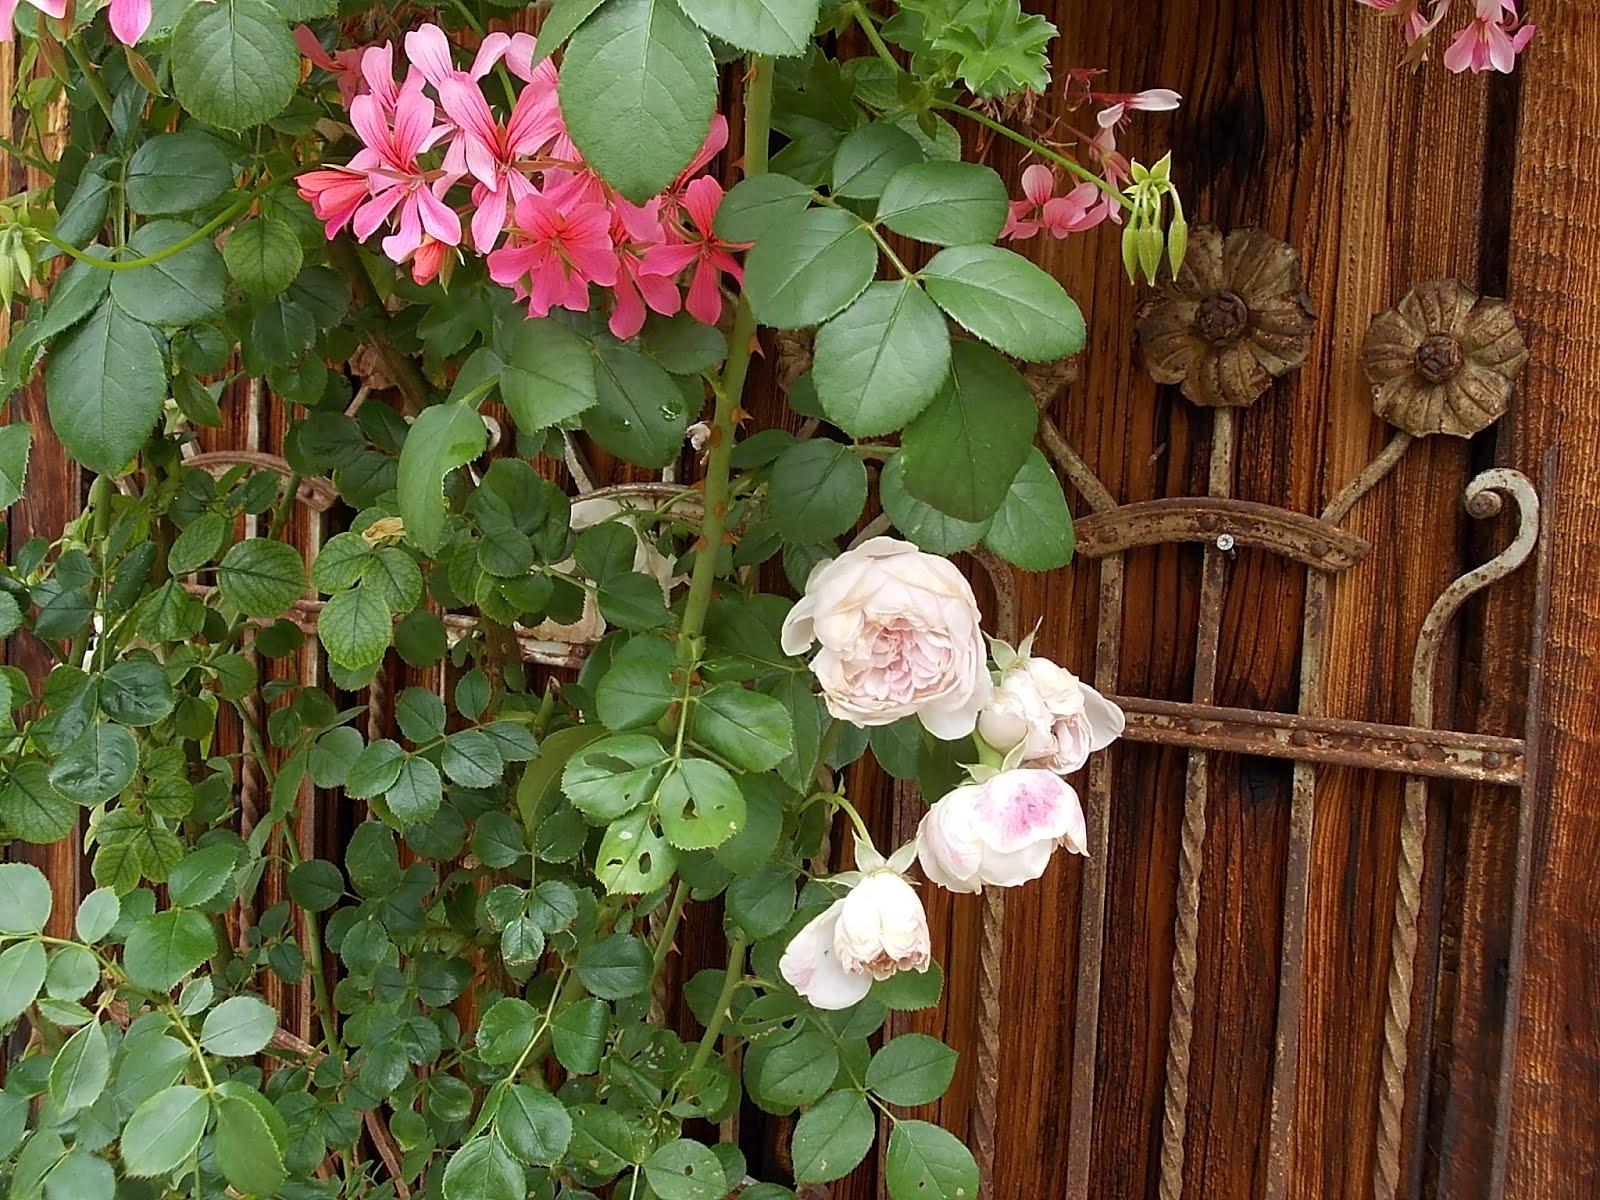 Rosenreslis traum junigarten und eine besondere t r for Rostiges eisen im garten